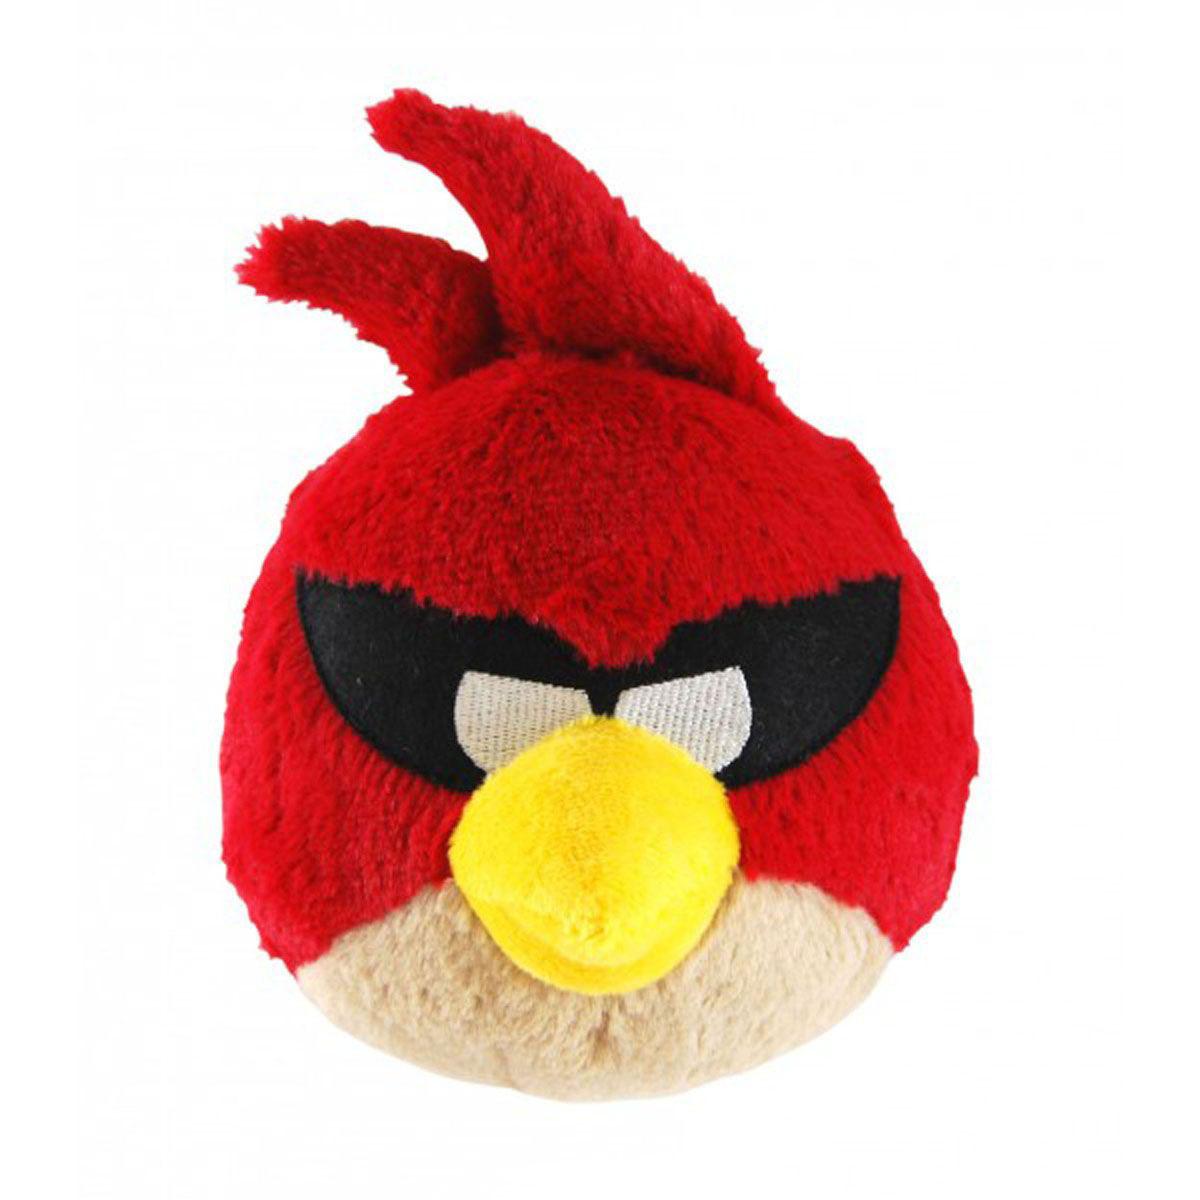 Angry Birds Space Мягкая озвученная игрушка, цвет: красный, 22 см92670_красныйМягкая озвученная игрушка Angry Birds Space подарит вашему ребенку много радости и веселья. Удивительно приятная на ощупь игрушка выполнена в виде красной птички - персонажа популярной игры Angry Birds. При нажатии на кнопку, расположенную на макушке, игрушка начинает смеяться и издавать забавные звуки. Чудесная мягкая игрушка непременно поднимет настроение своему обладателю и станет замечательным подарком к любому празднику. Игрушка работает от незаменяемых батареек.